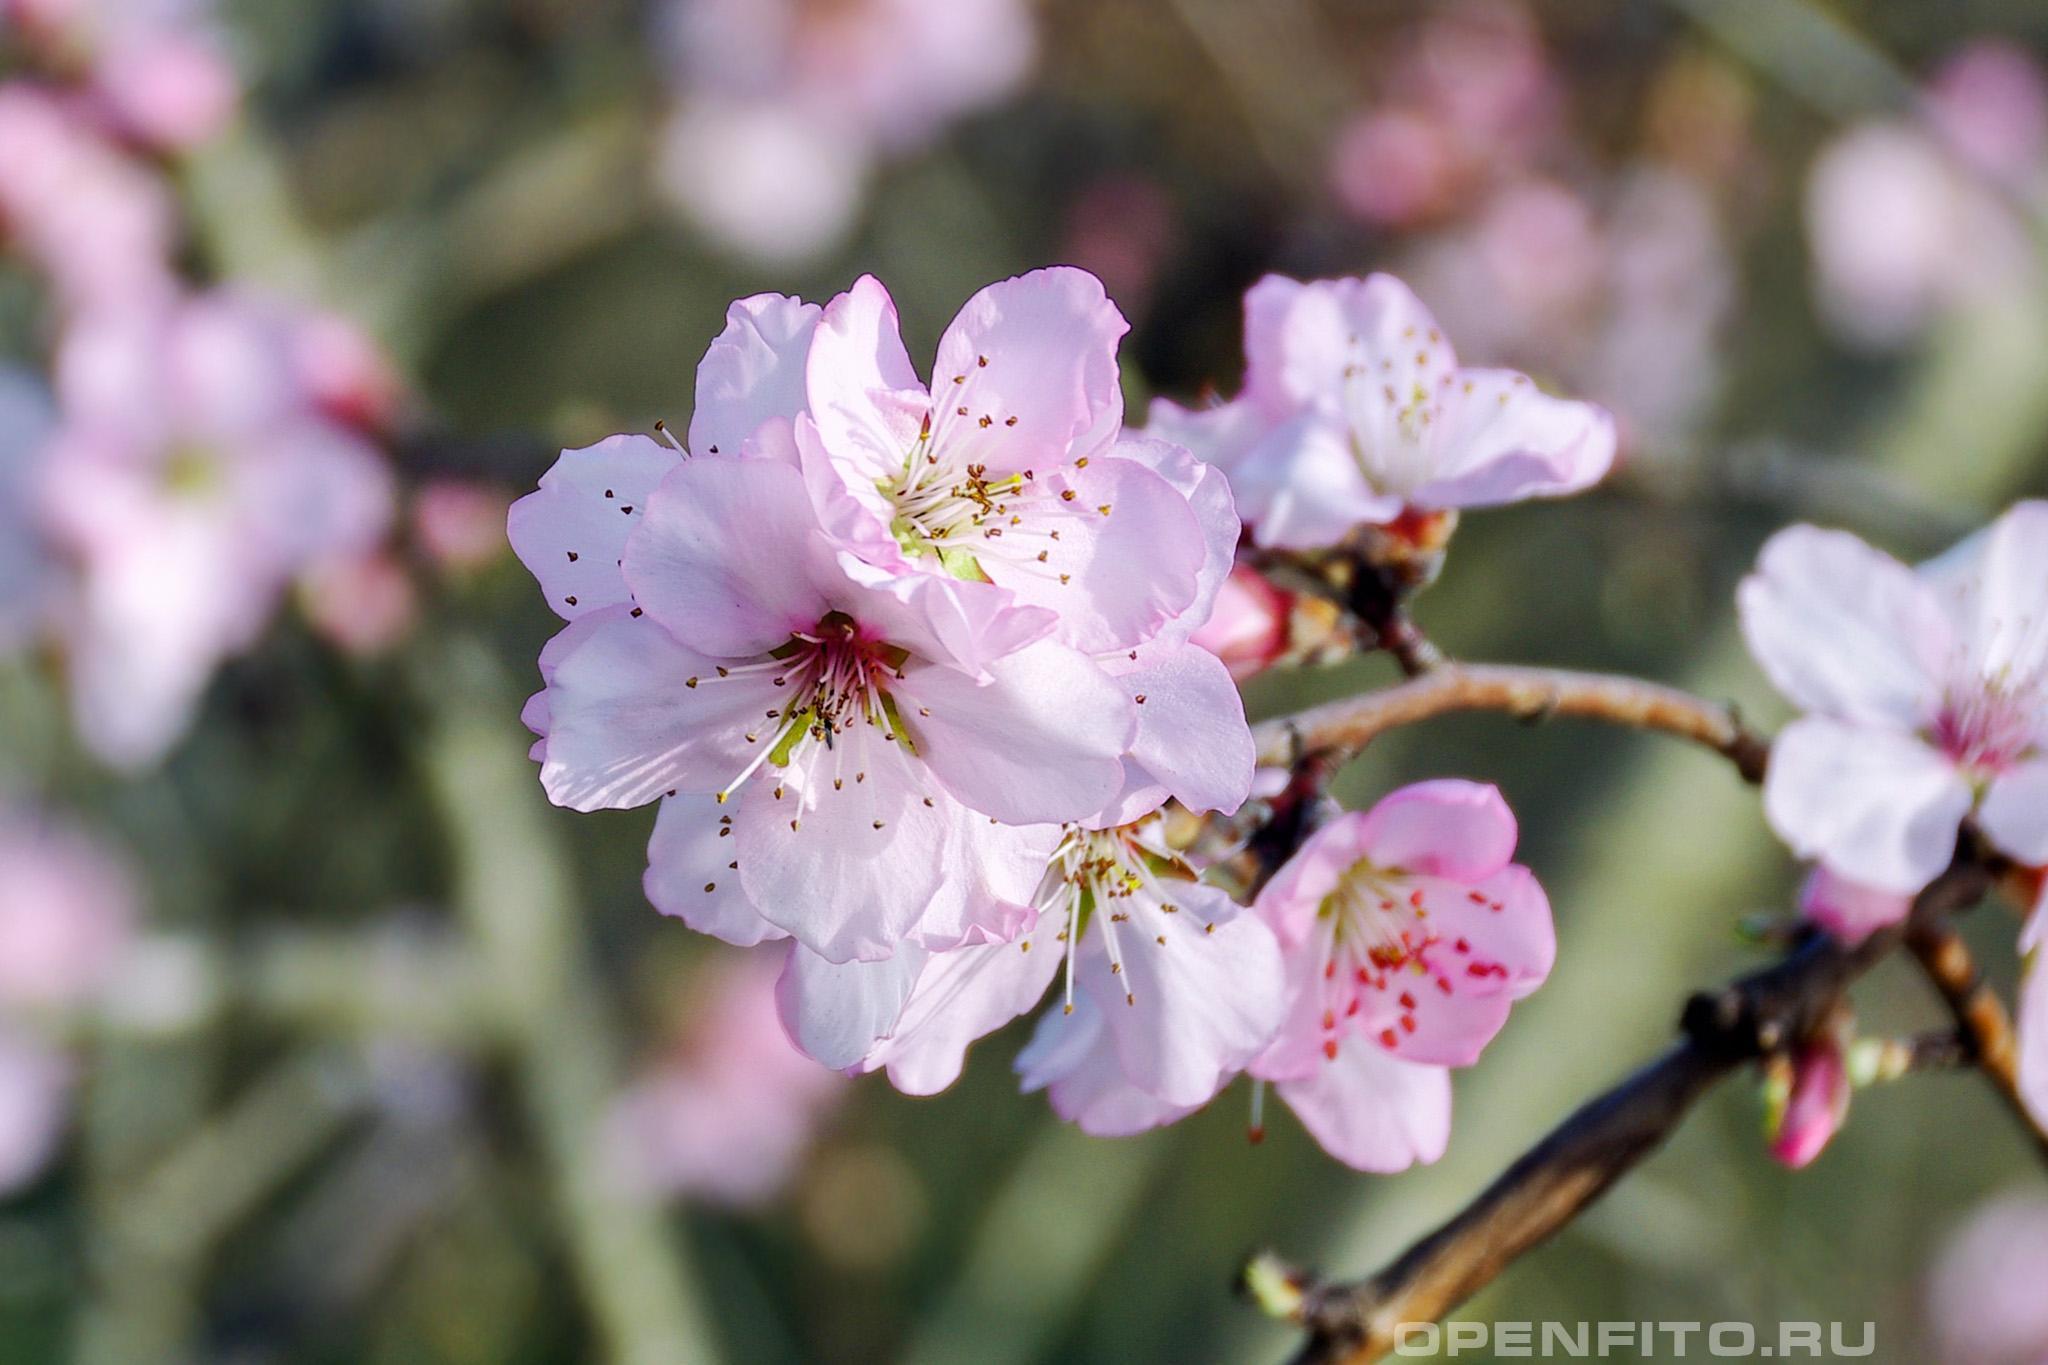 Персик обыкновенный розовые цветы